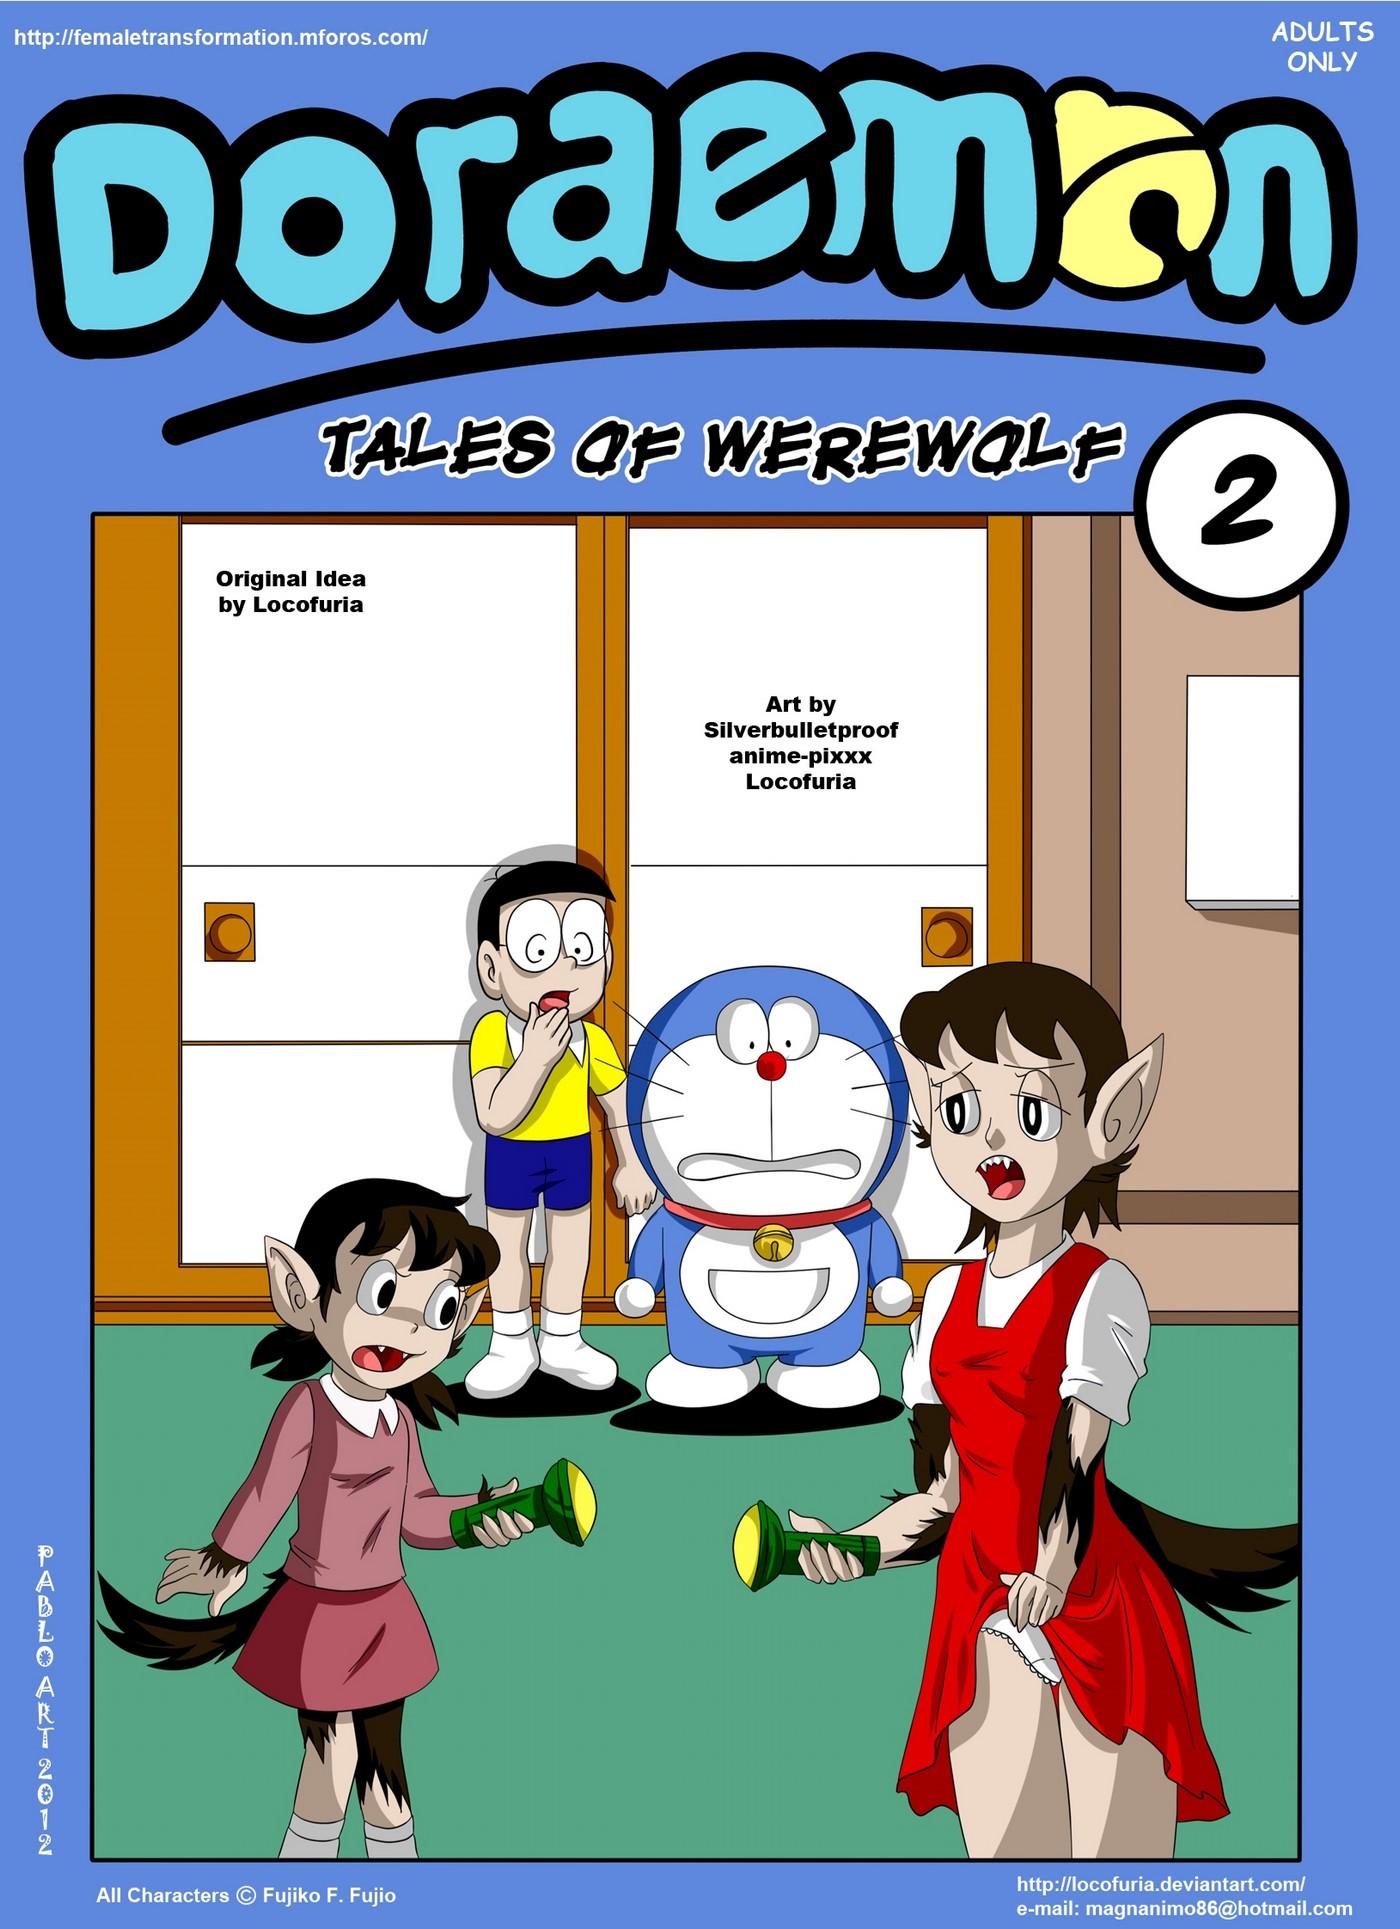 Doraemon Tales of Werewolff 01